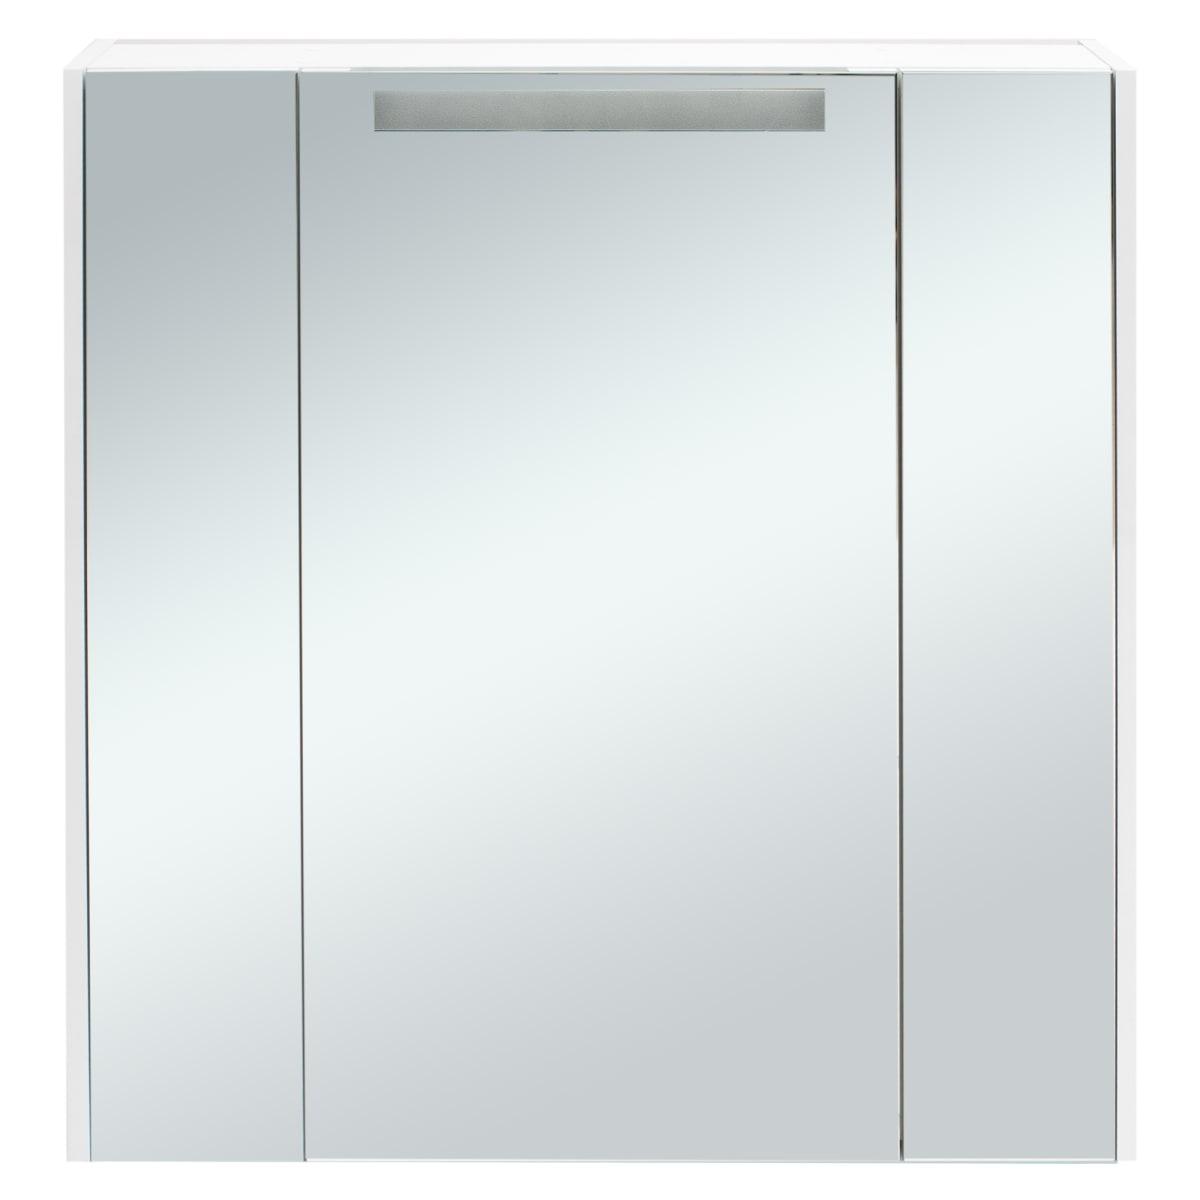 Шкаф зеркальный Aquaton «Мерида» 80 см цвет белый